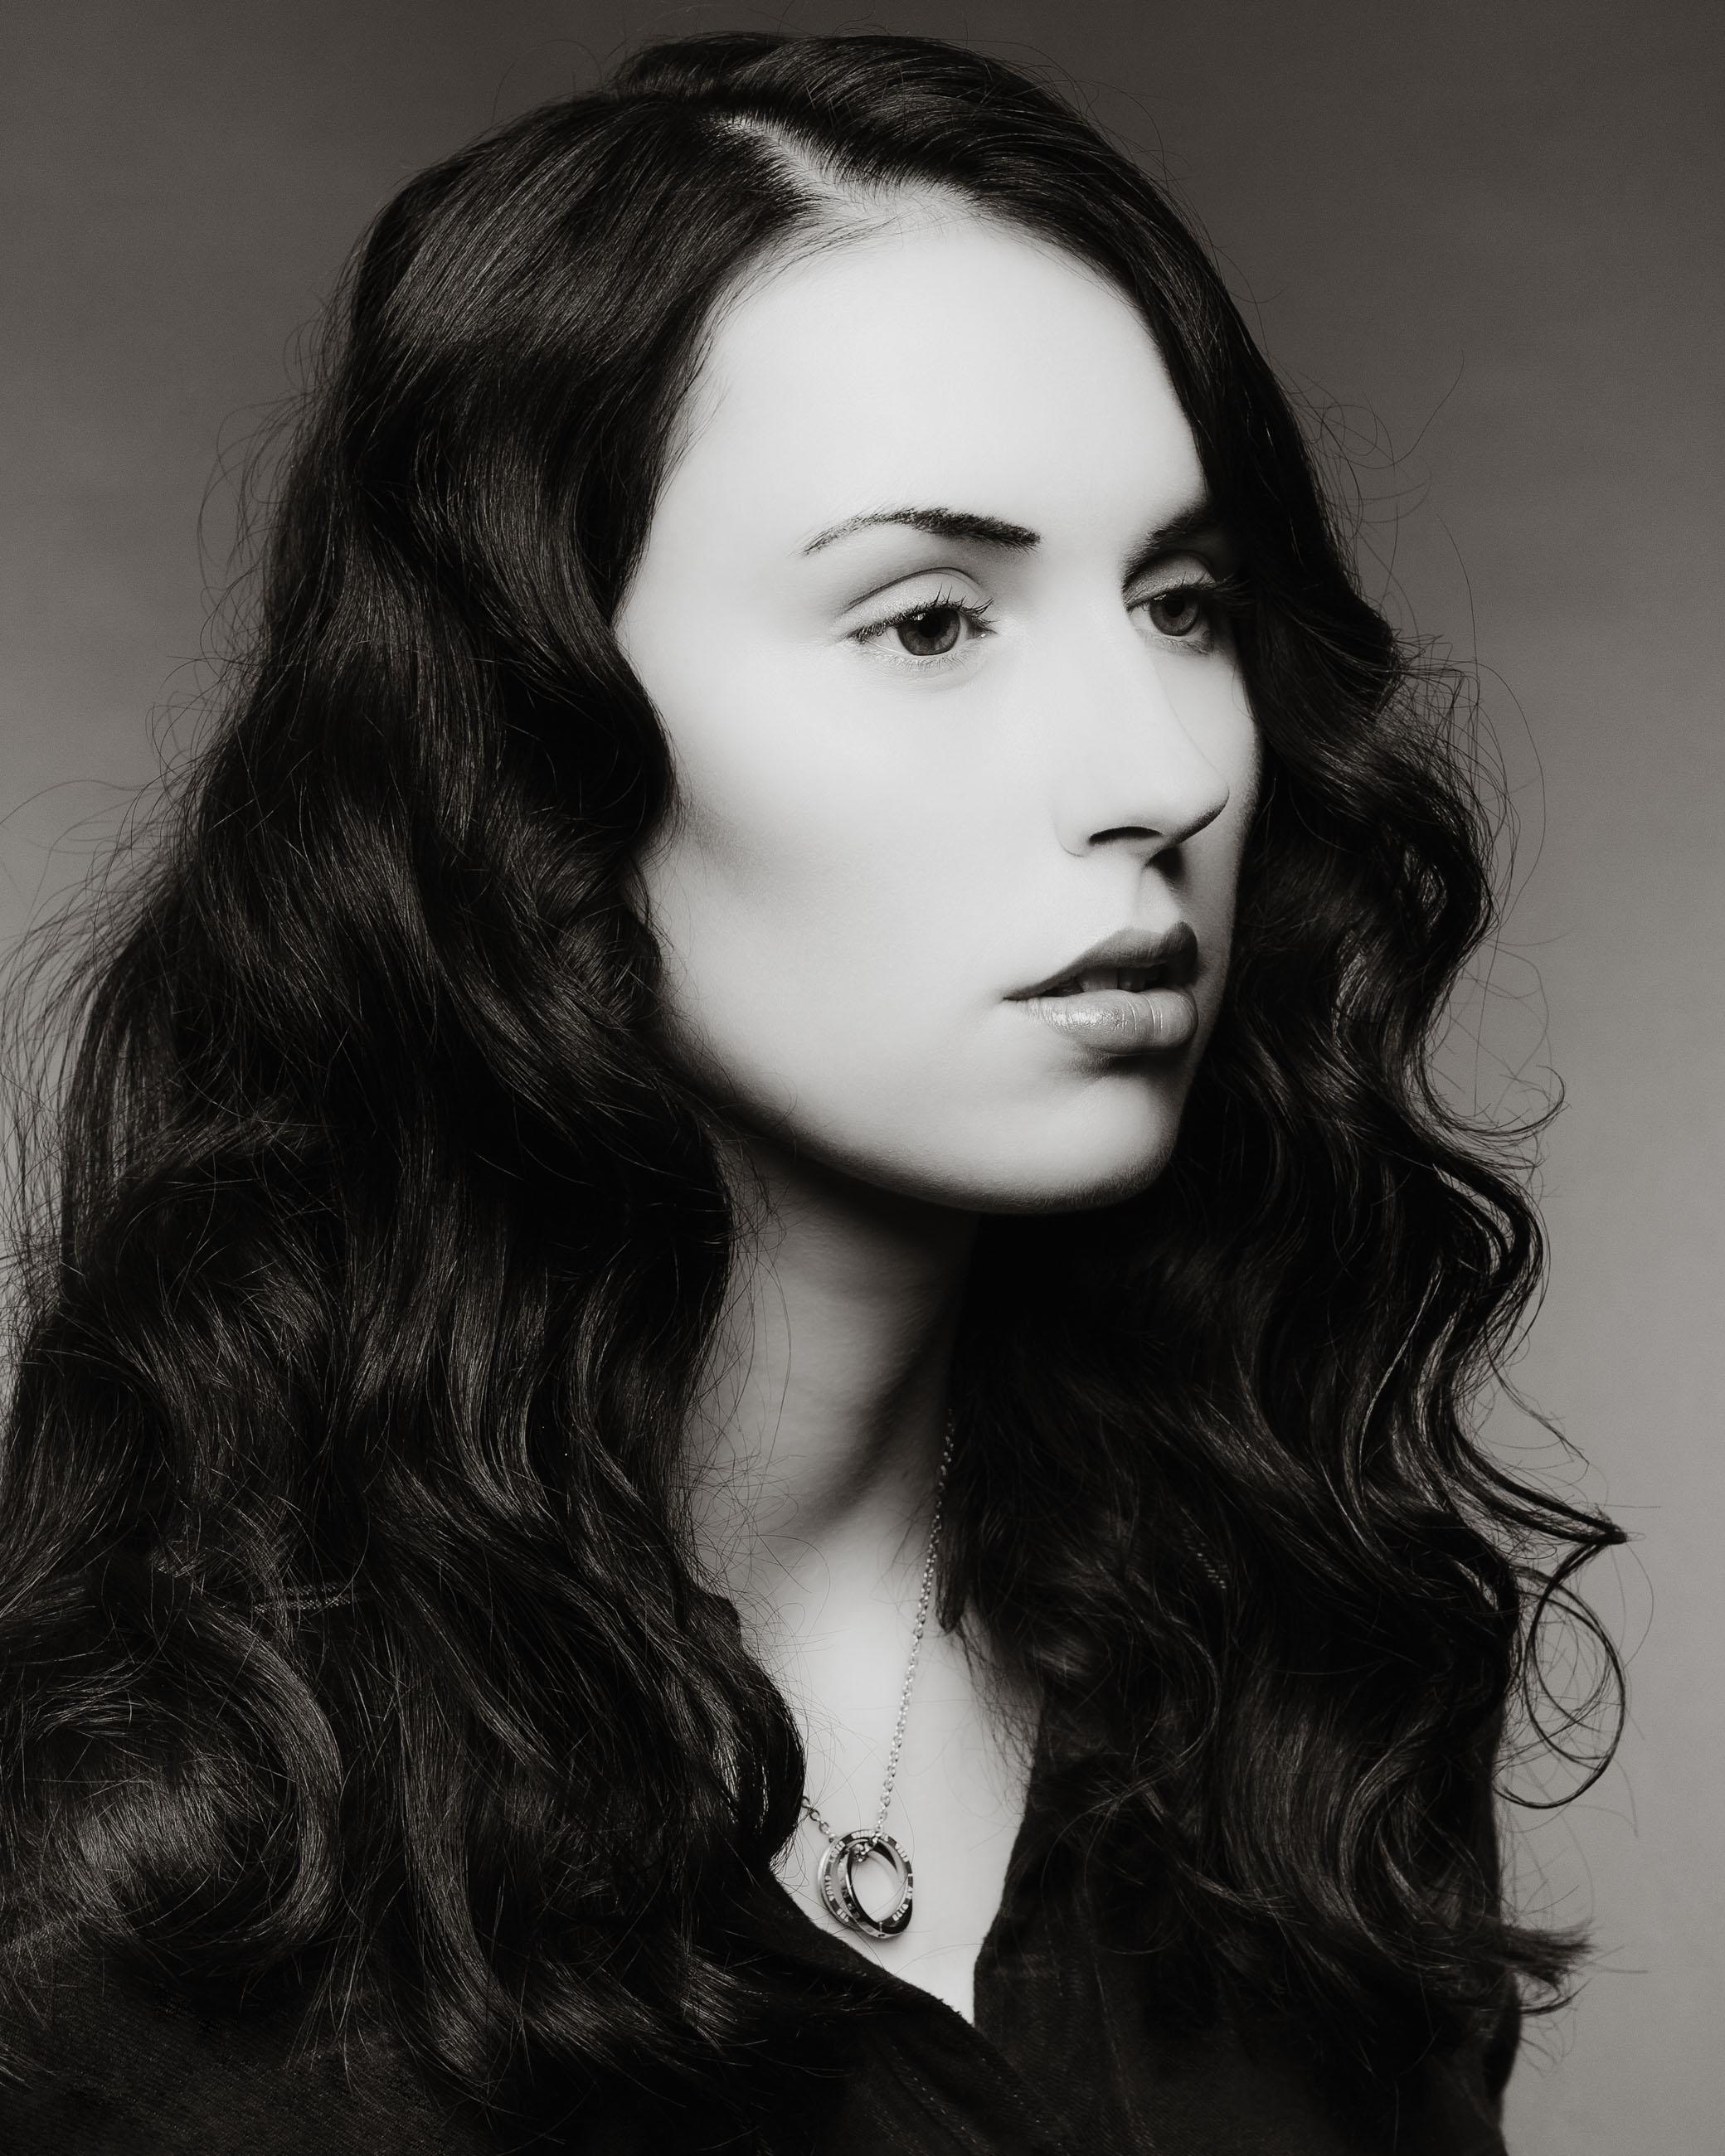 Frau mit dunklen lockigen Haaren vor grauem Hintergrund FOTOGRAF Sven Vogel Photograph Fotografie Schwarz Weiss Foto